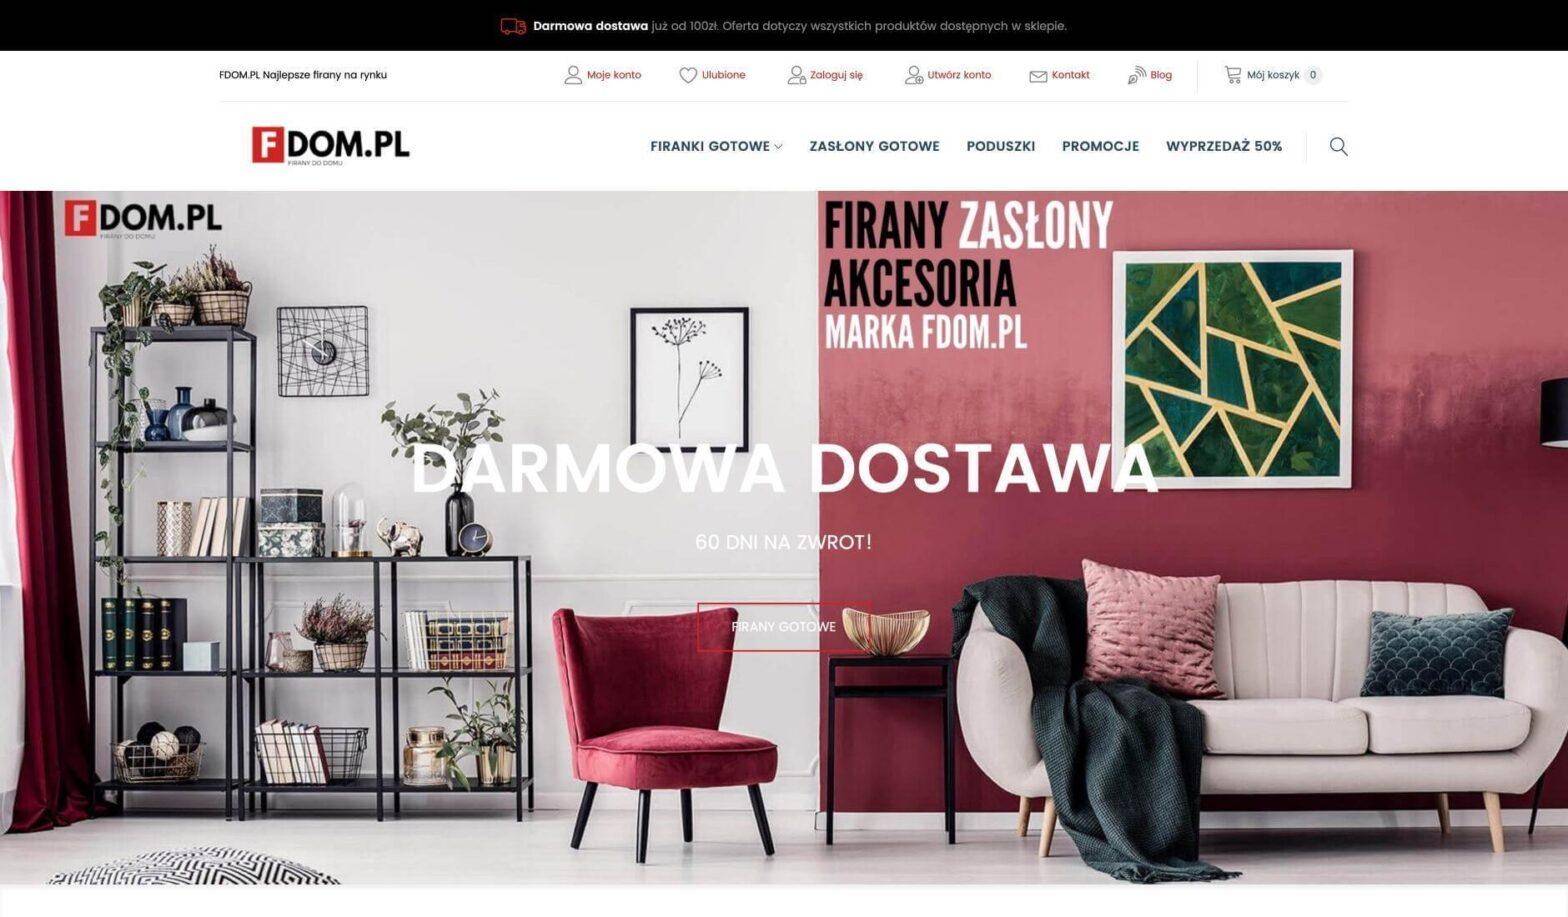 FDOM.PL - Najlepsze firany na rynku